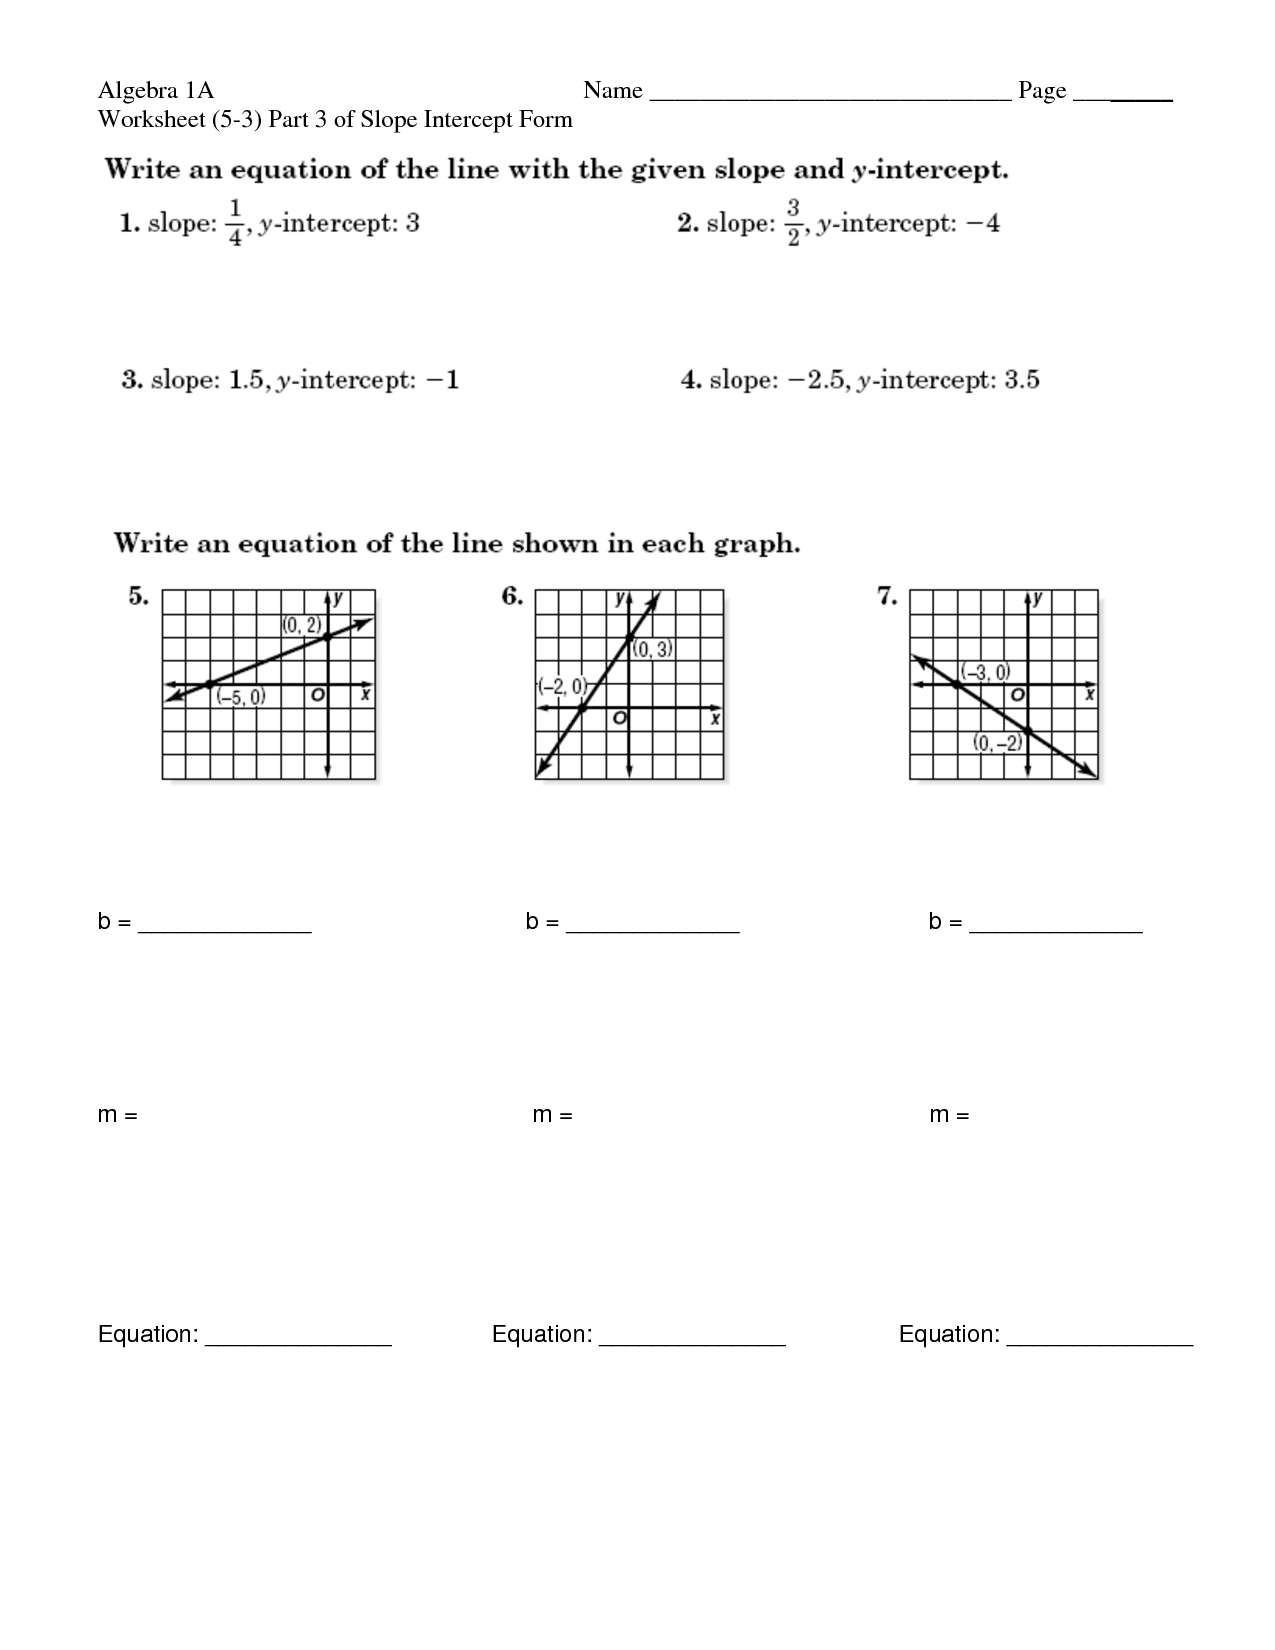 slope intercept form worksheet Algebra 1 Slope Intercept form Worksheet 1 - Worksheet ...